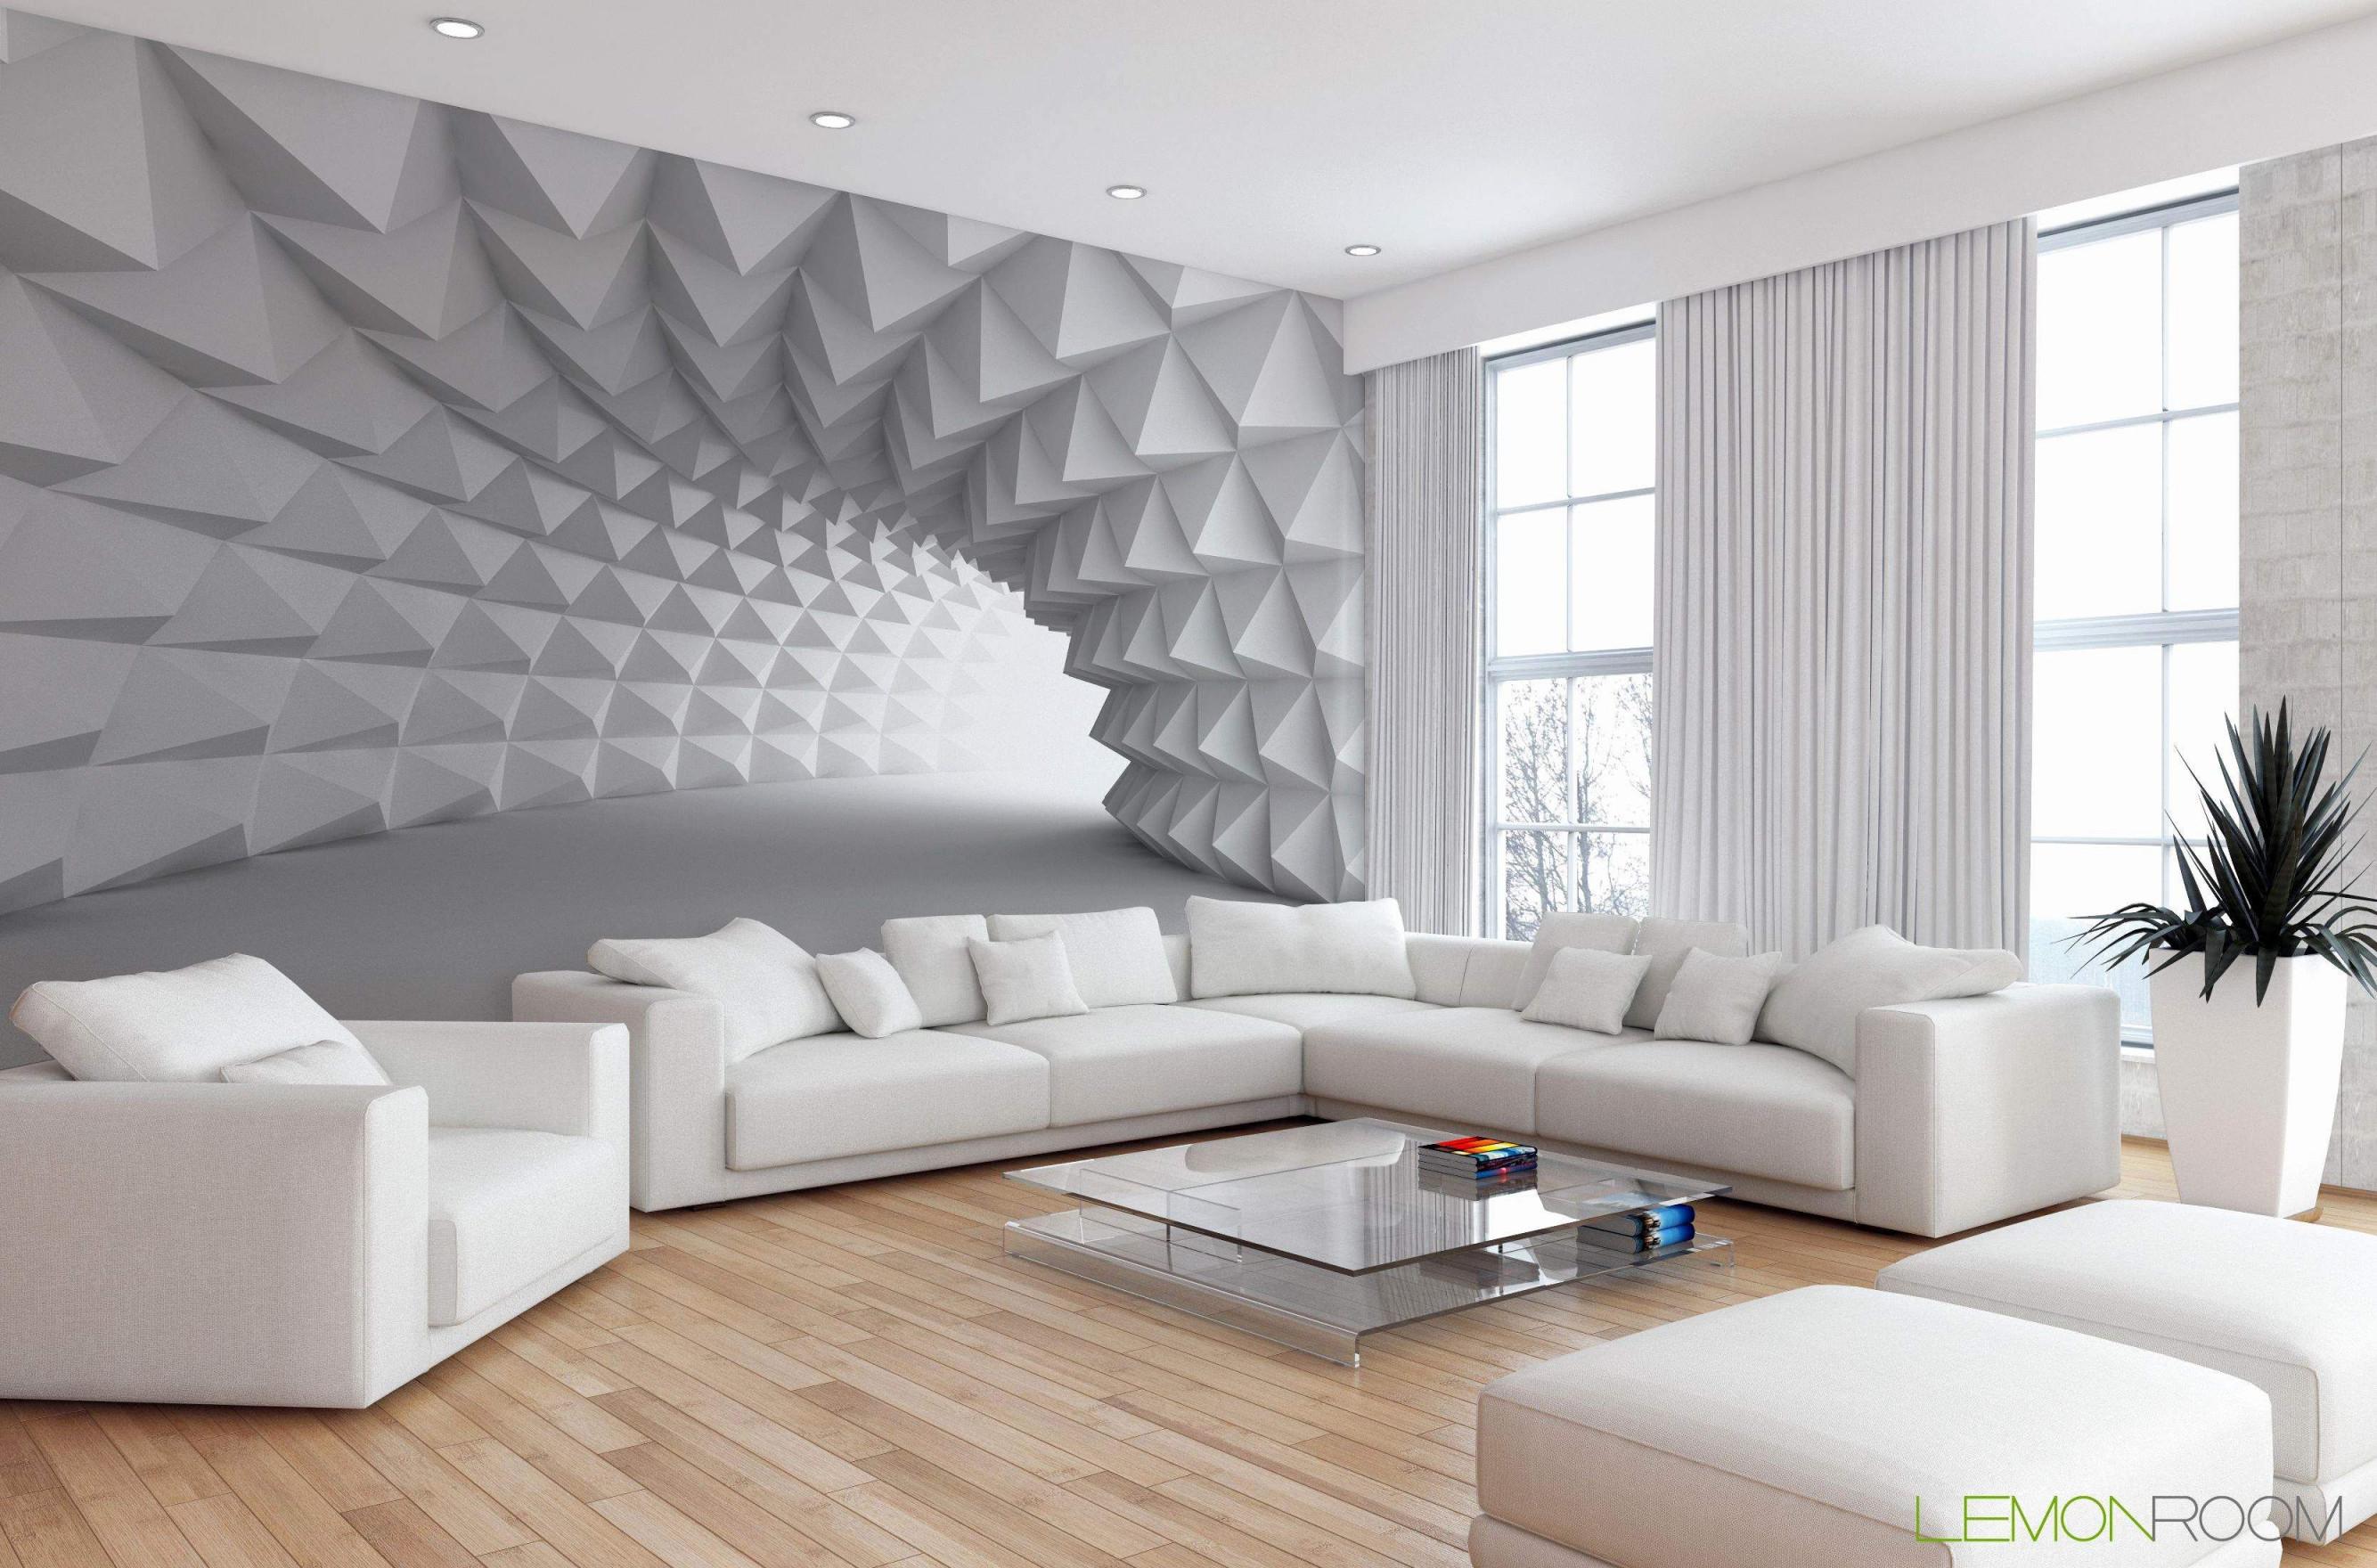 Moderne Wohnzimmer Tapeten Schön 31 Inspirierend Moderne von Wohnzimmer Gestalten Tapete Photo